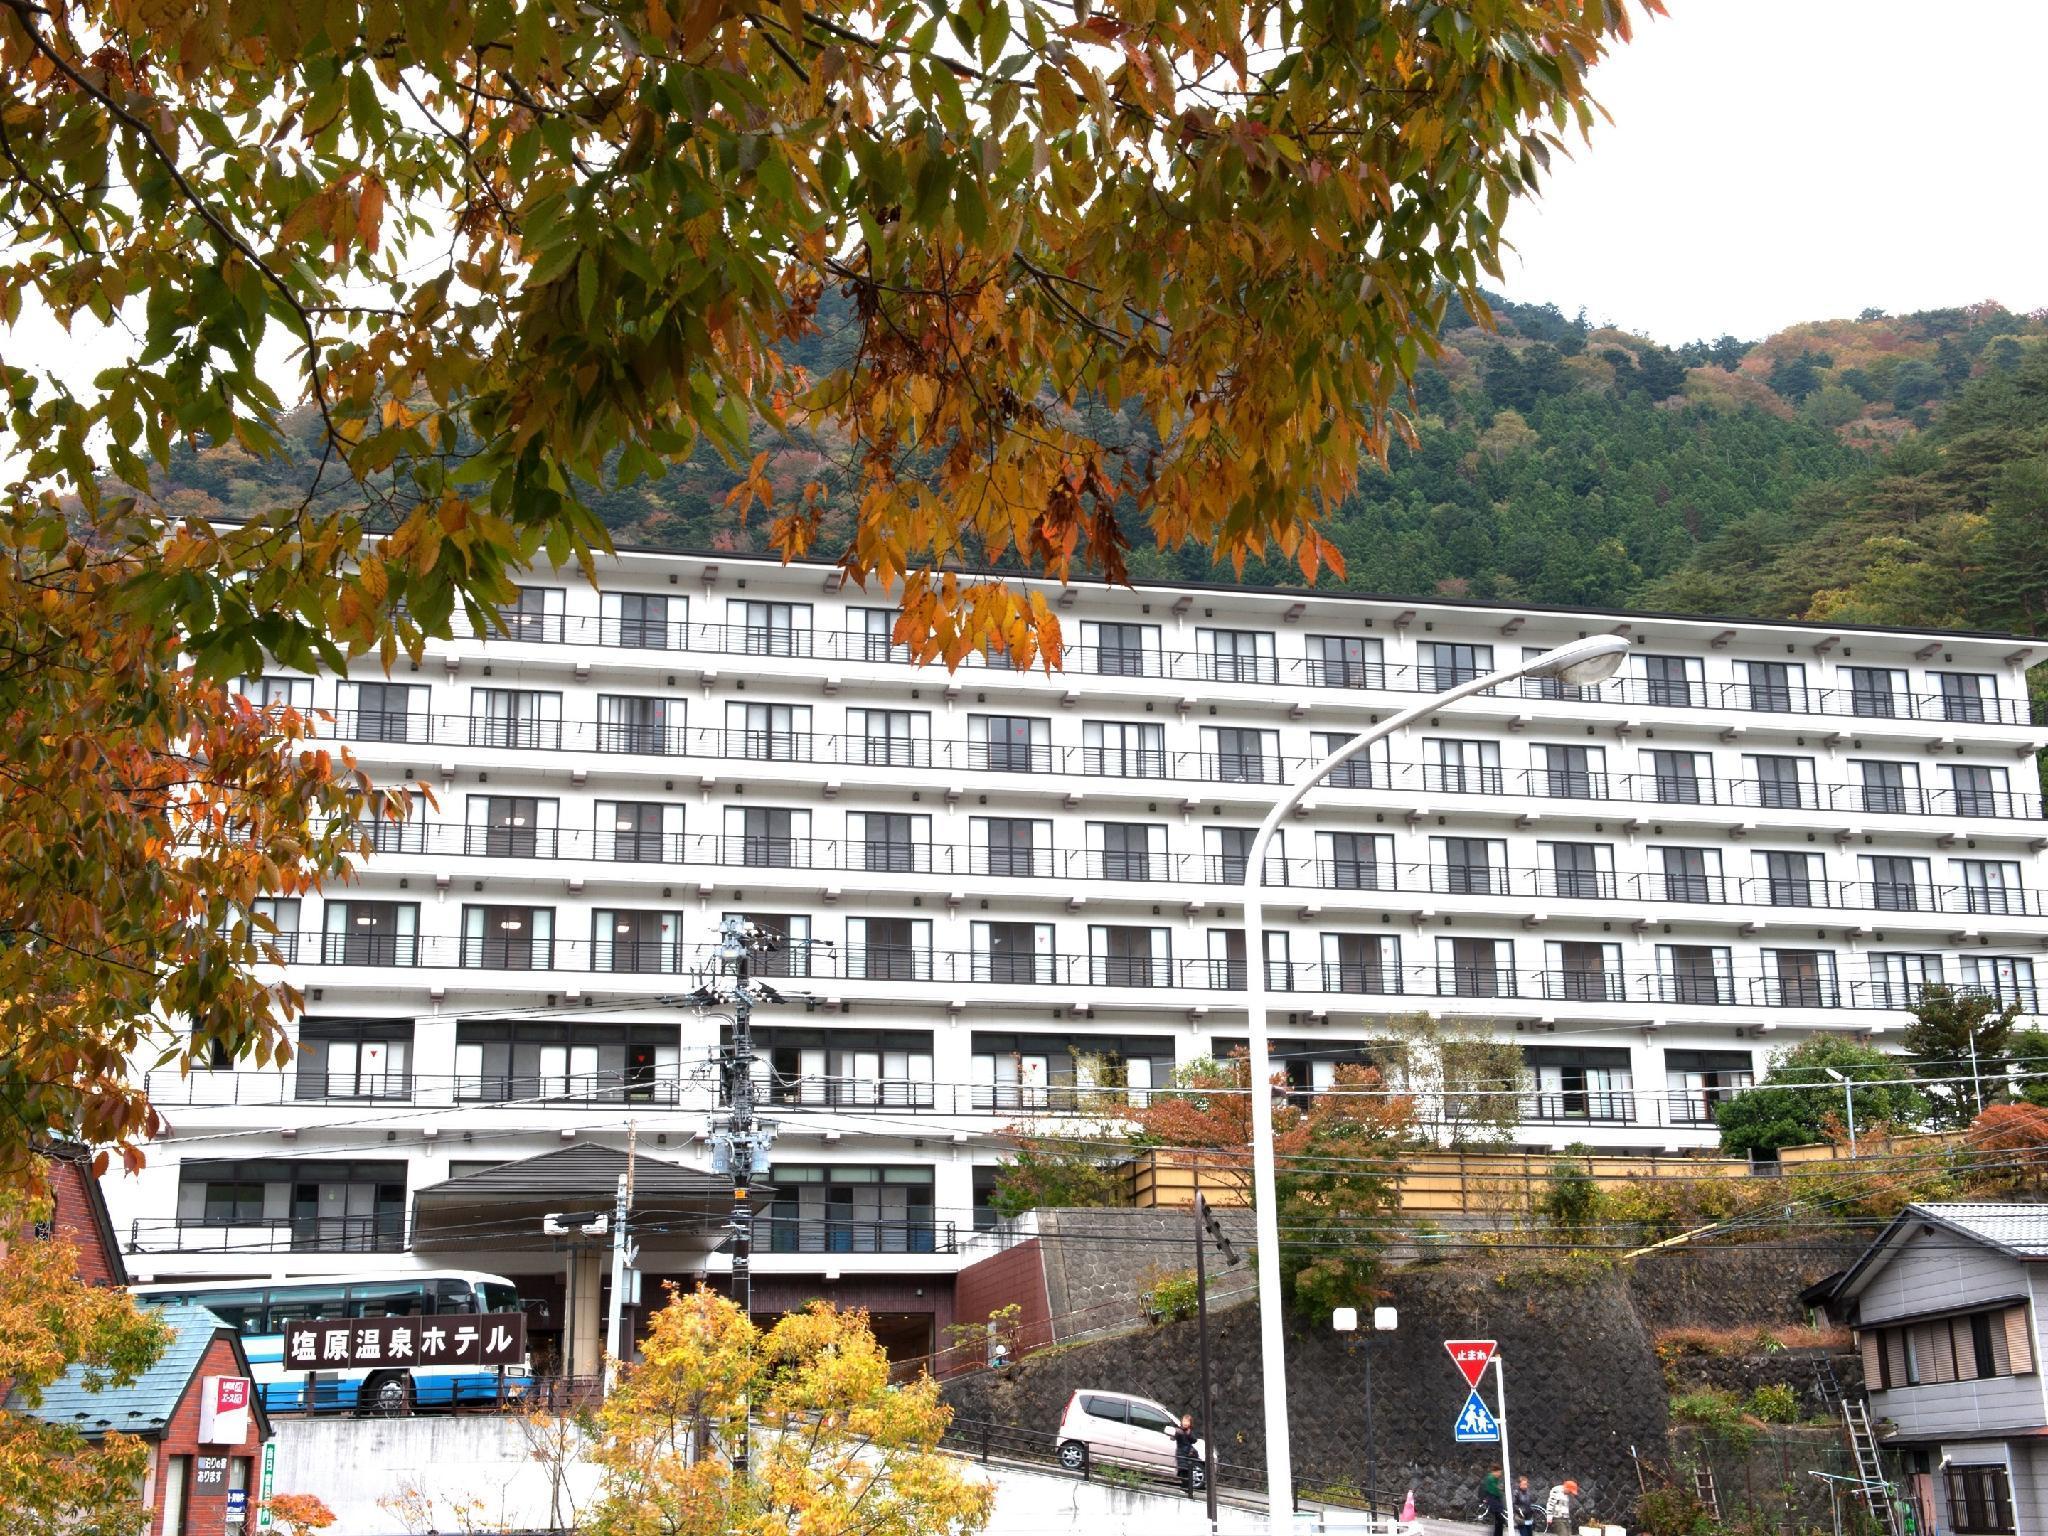 Shiobara Onsen Shiobara Onsen Hotel